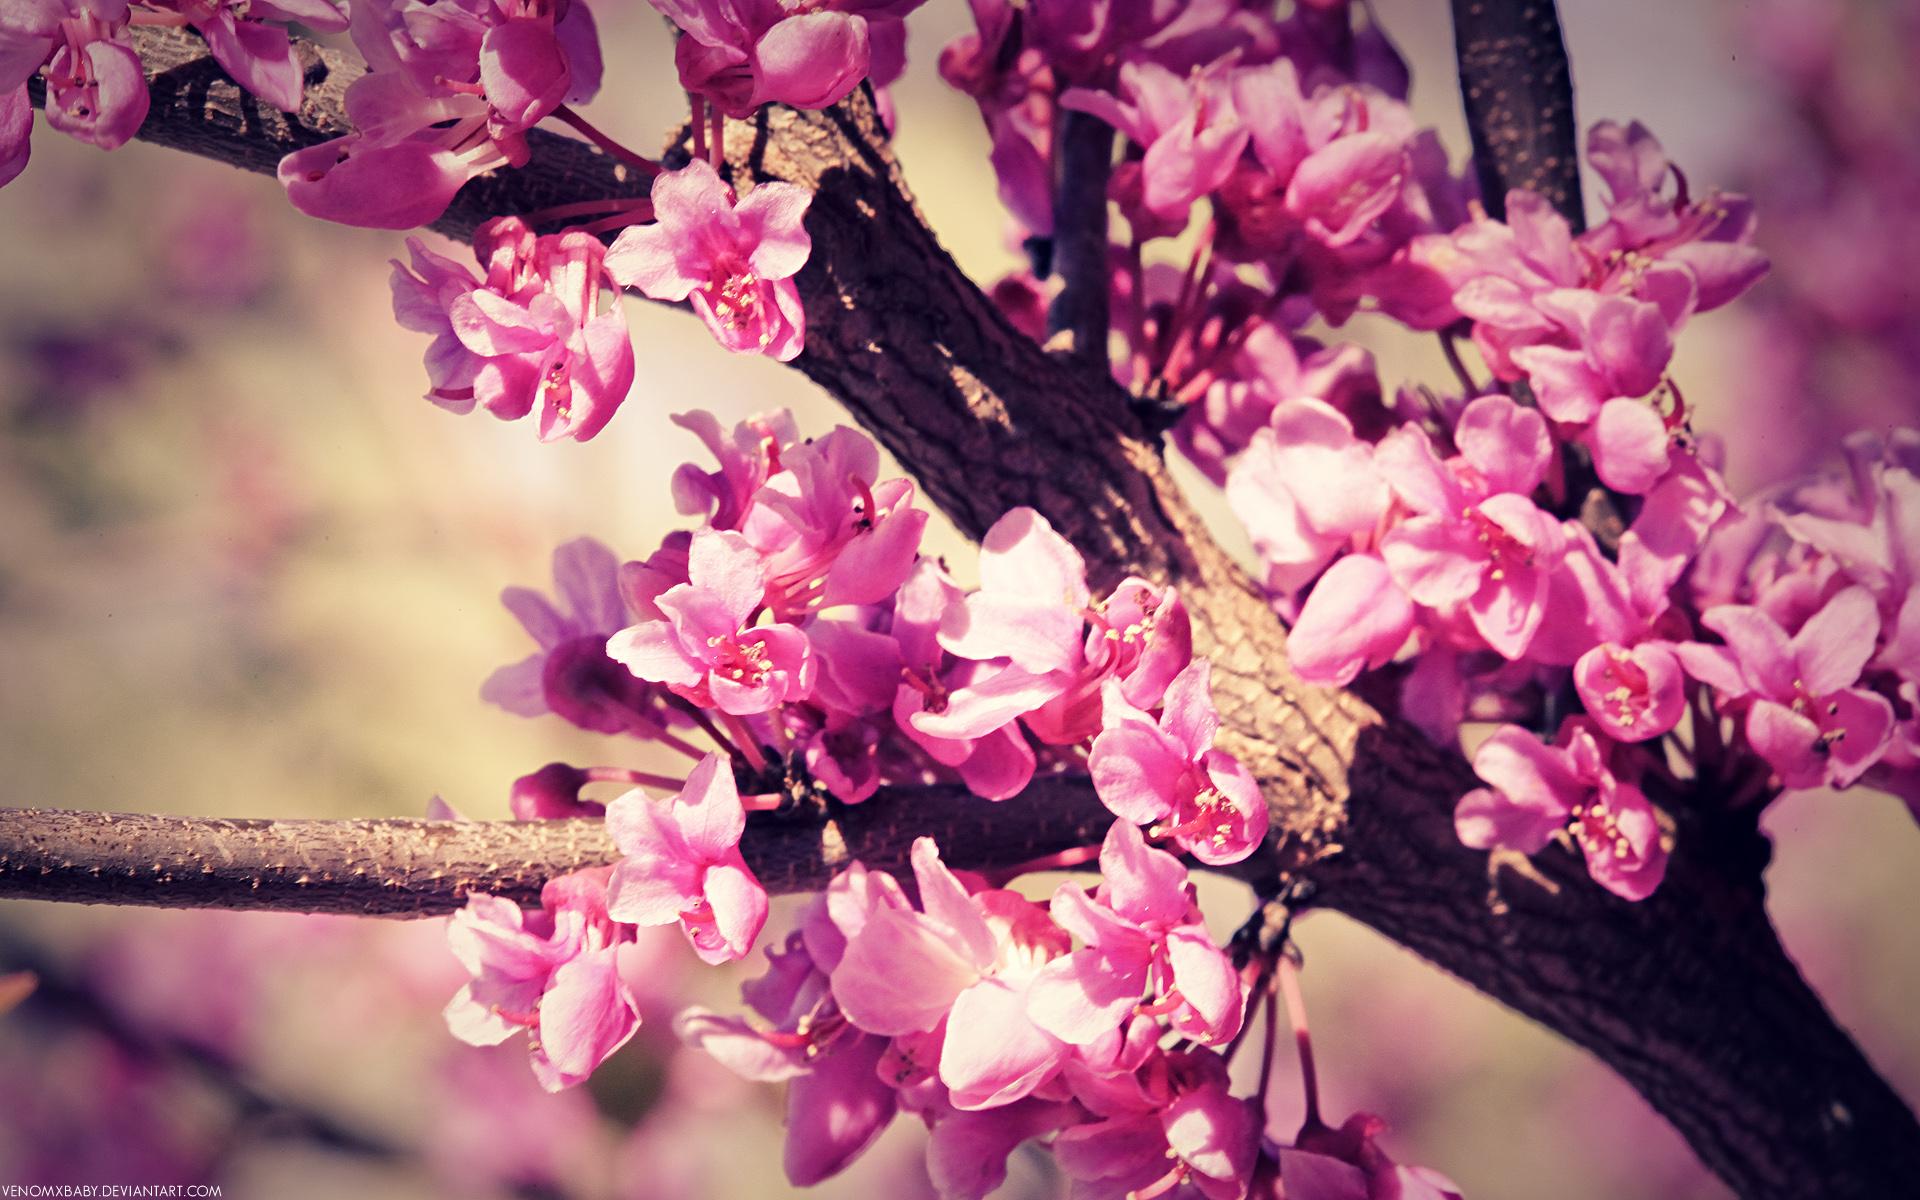 Flower Tumblr Wallpaper 1920x1200 42458